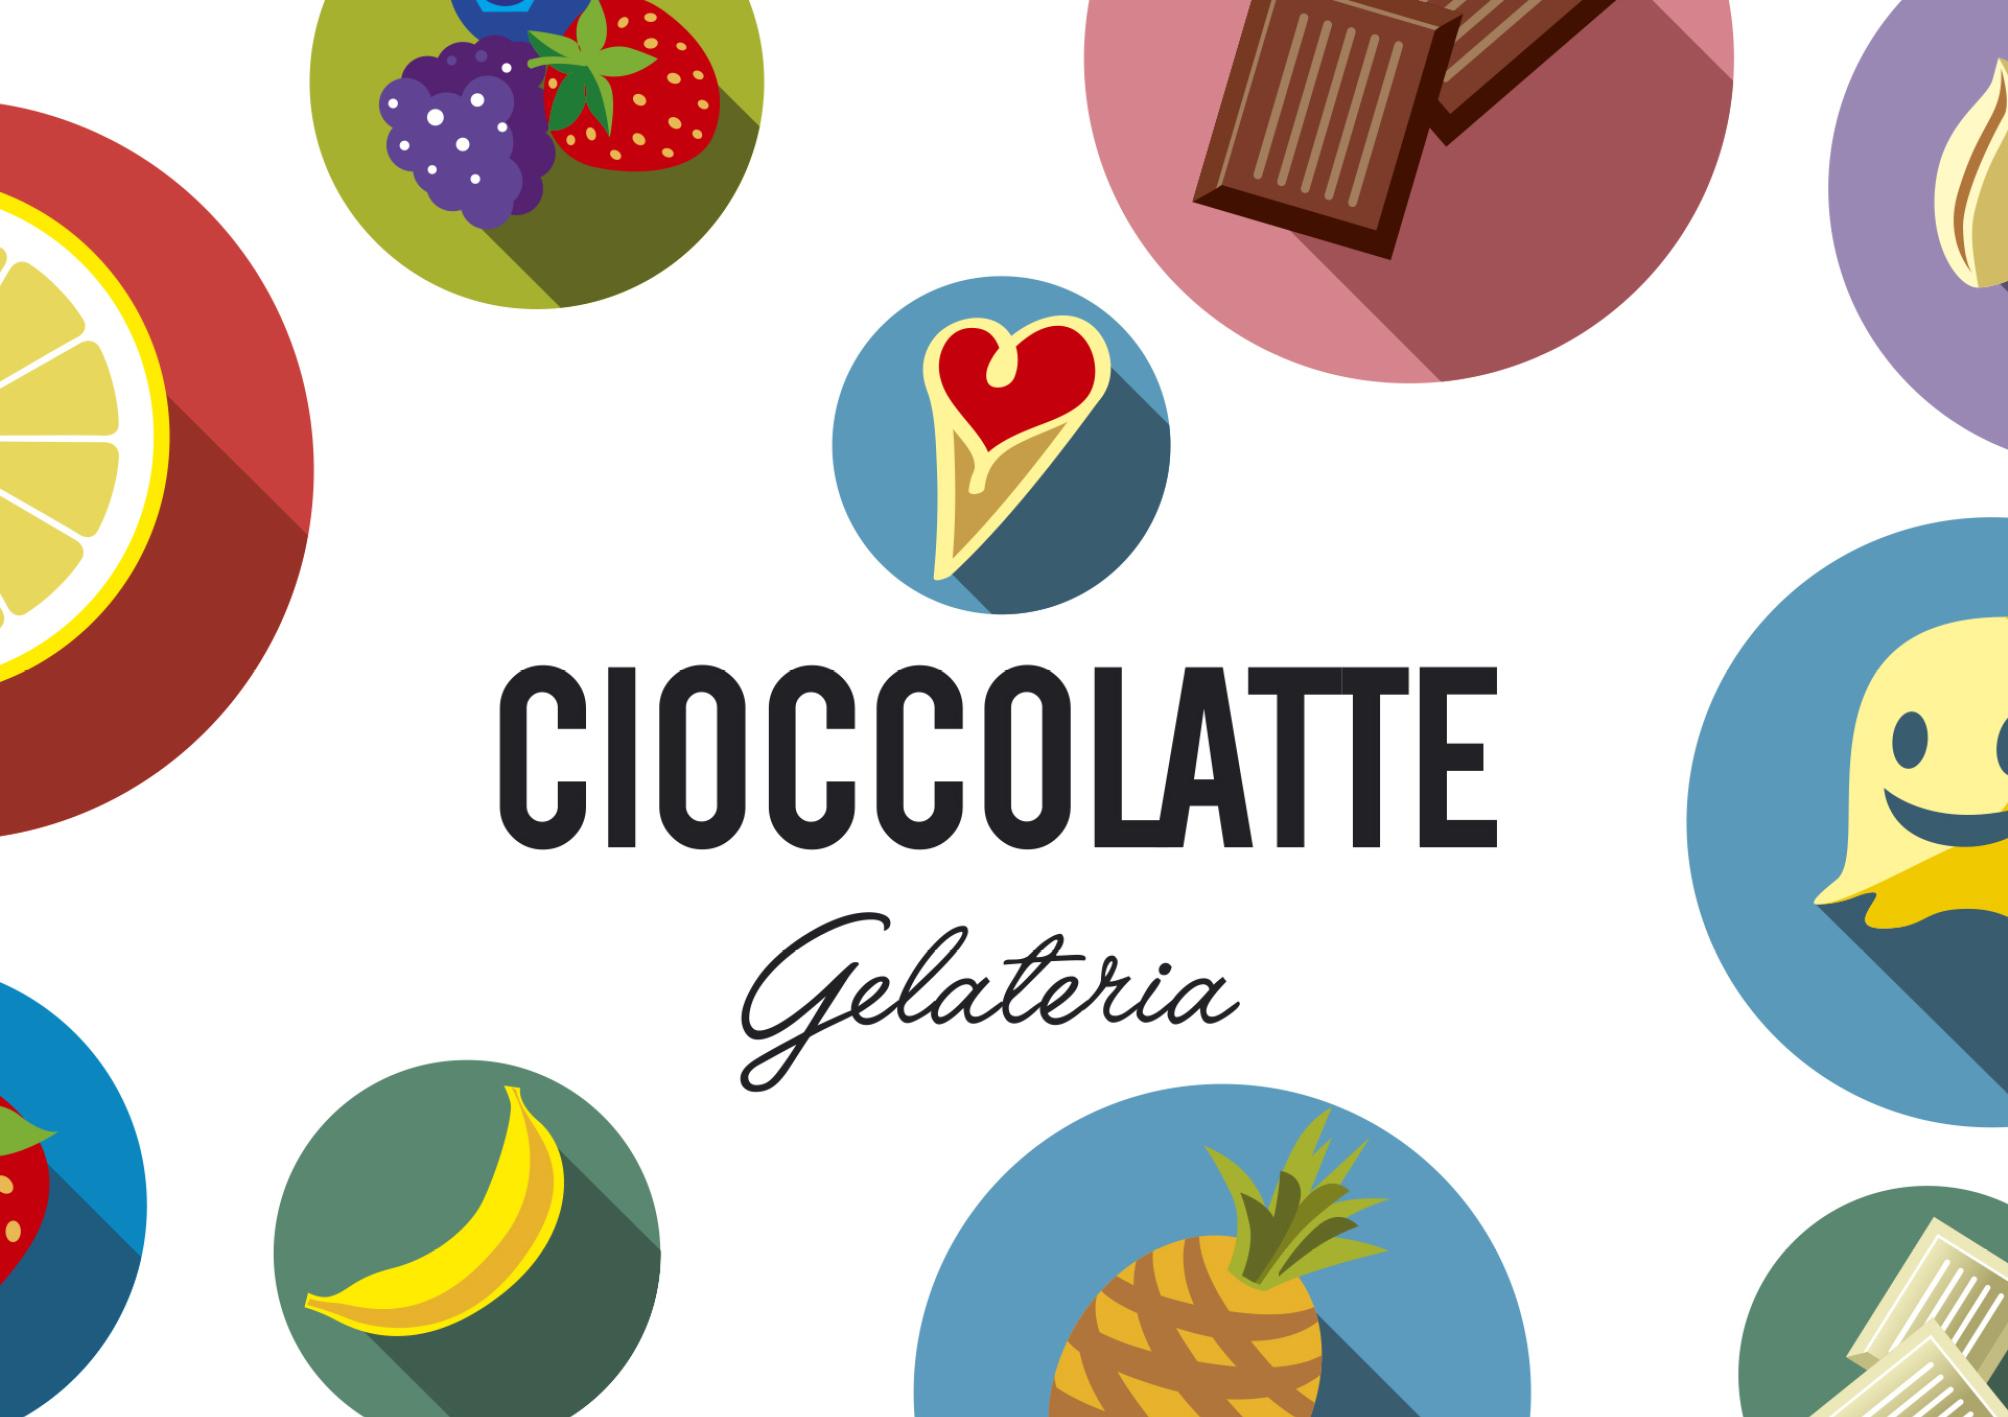 Chioccolatte